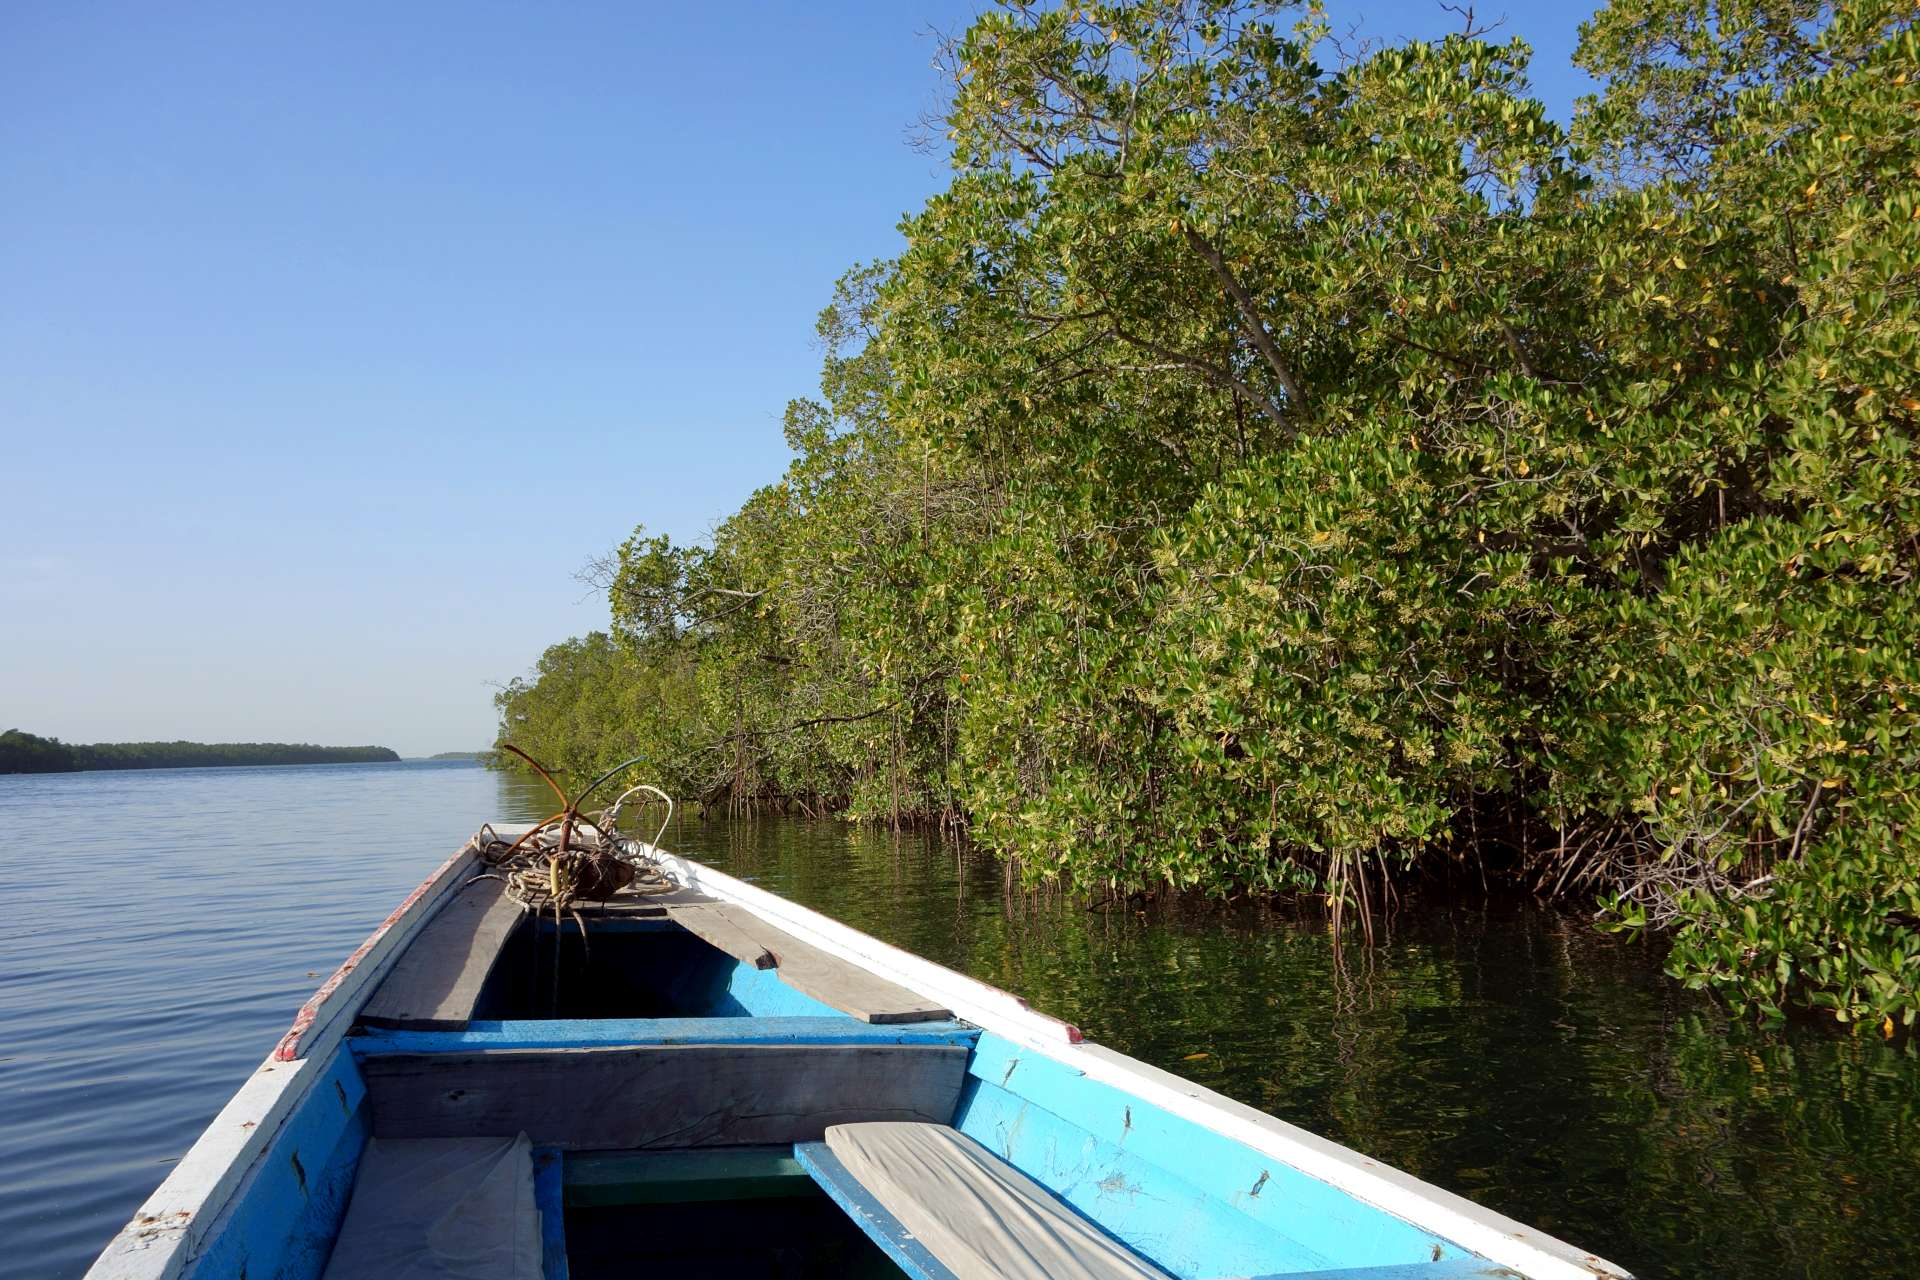 Naviguer sur le fleuve de Ndangane à Djiffer à bord d'une pirogue de haute mer, 24 mètres de long pour près de 4 mètres de large, embarcation que l'on rencontre plus souvent au large des côtes, le Xaluca.